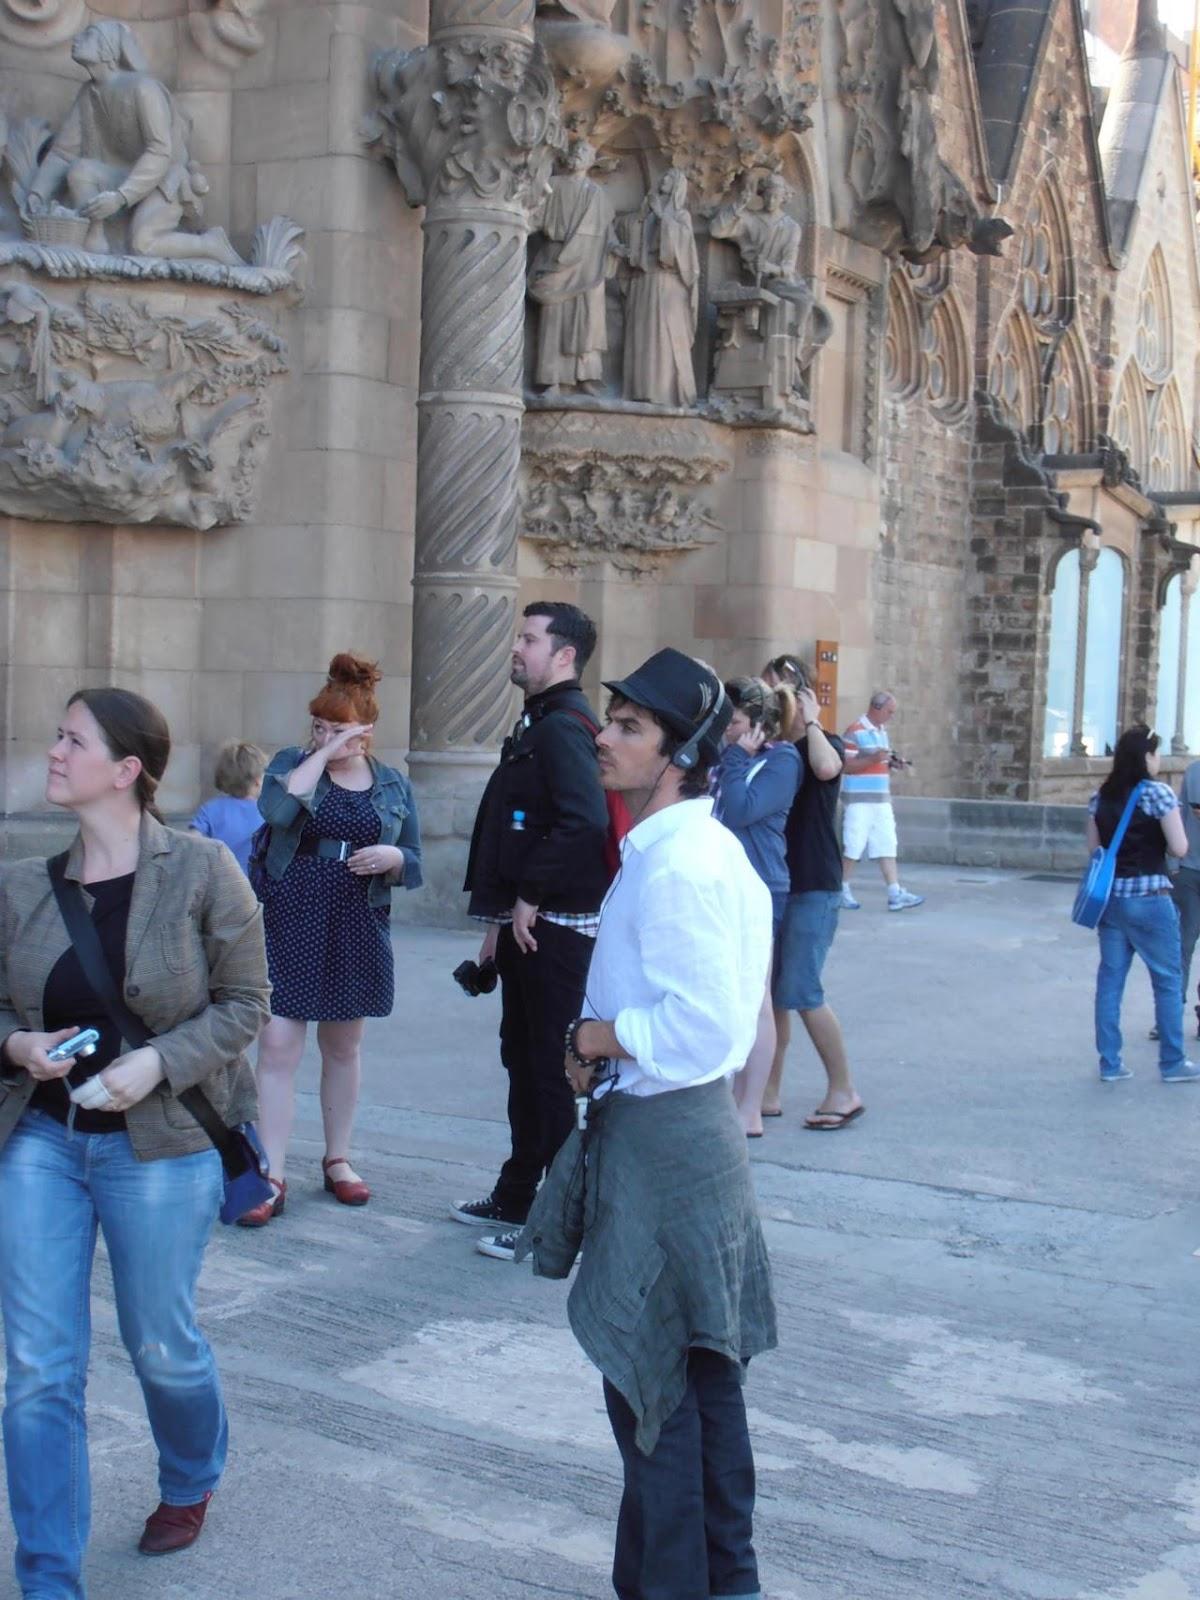 http://2.bp.blogspot.com/-H2U47H-6ii8/T6USDG504mI/AAAAAAAACbE/EyC2ORtNZcQ/s1600/Ian-Nina-in-Barcelona-ian-somerhalder-and-nina-dobrev-30728939-1280-1707.jpg